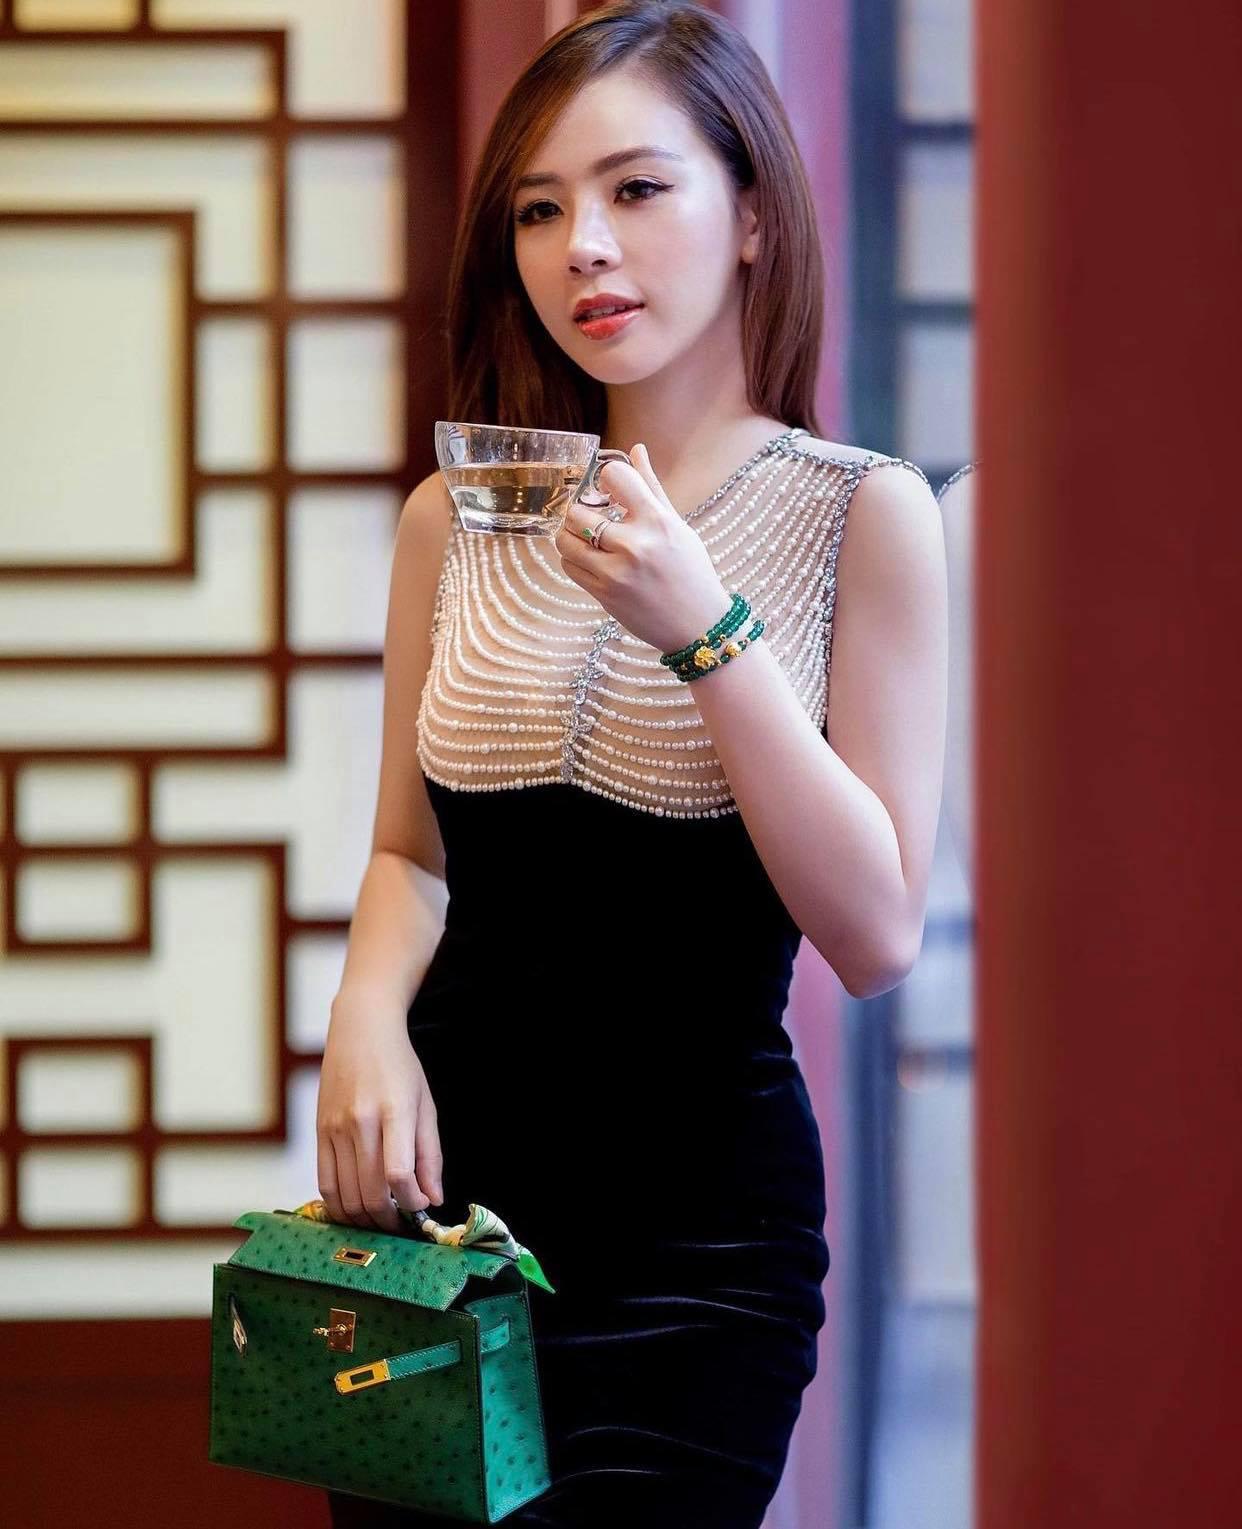 Thú chơi hàng hiệu xa xỉ cả trăm triệu của hot girl Phương Bora